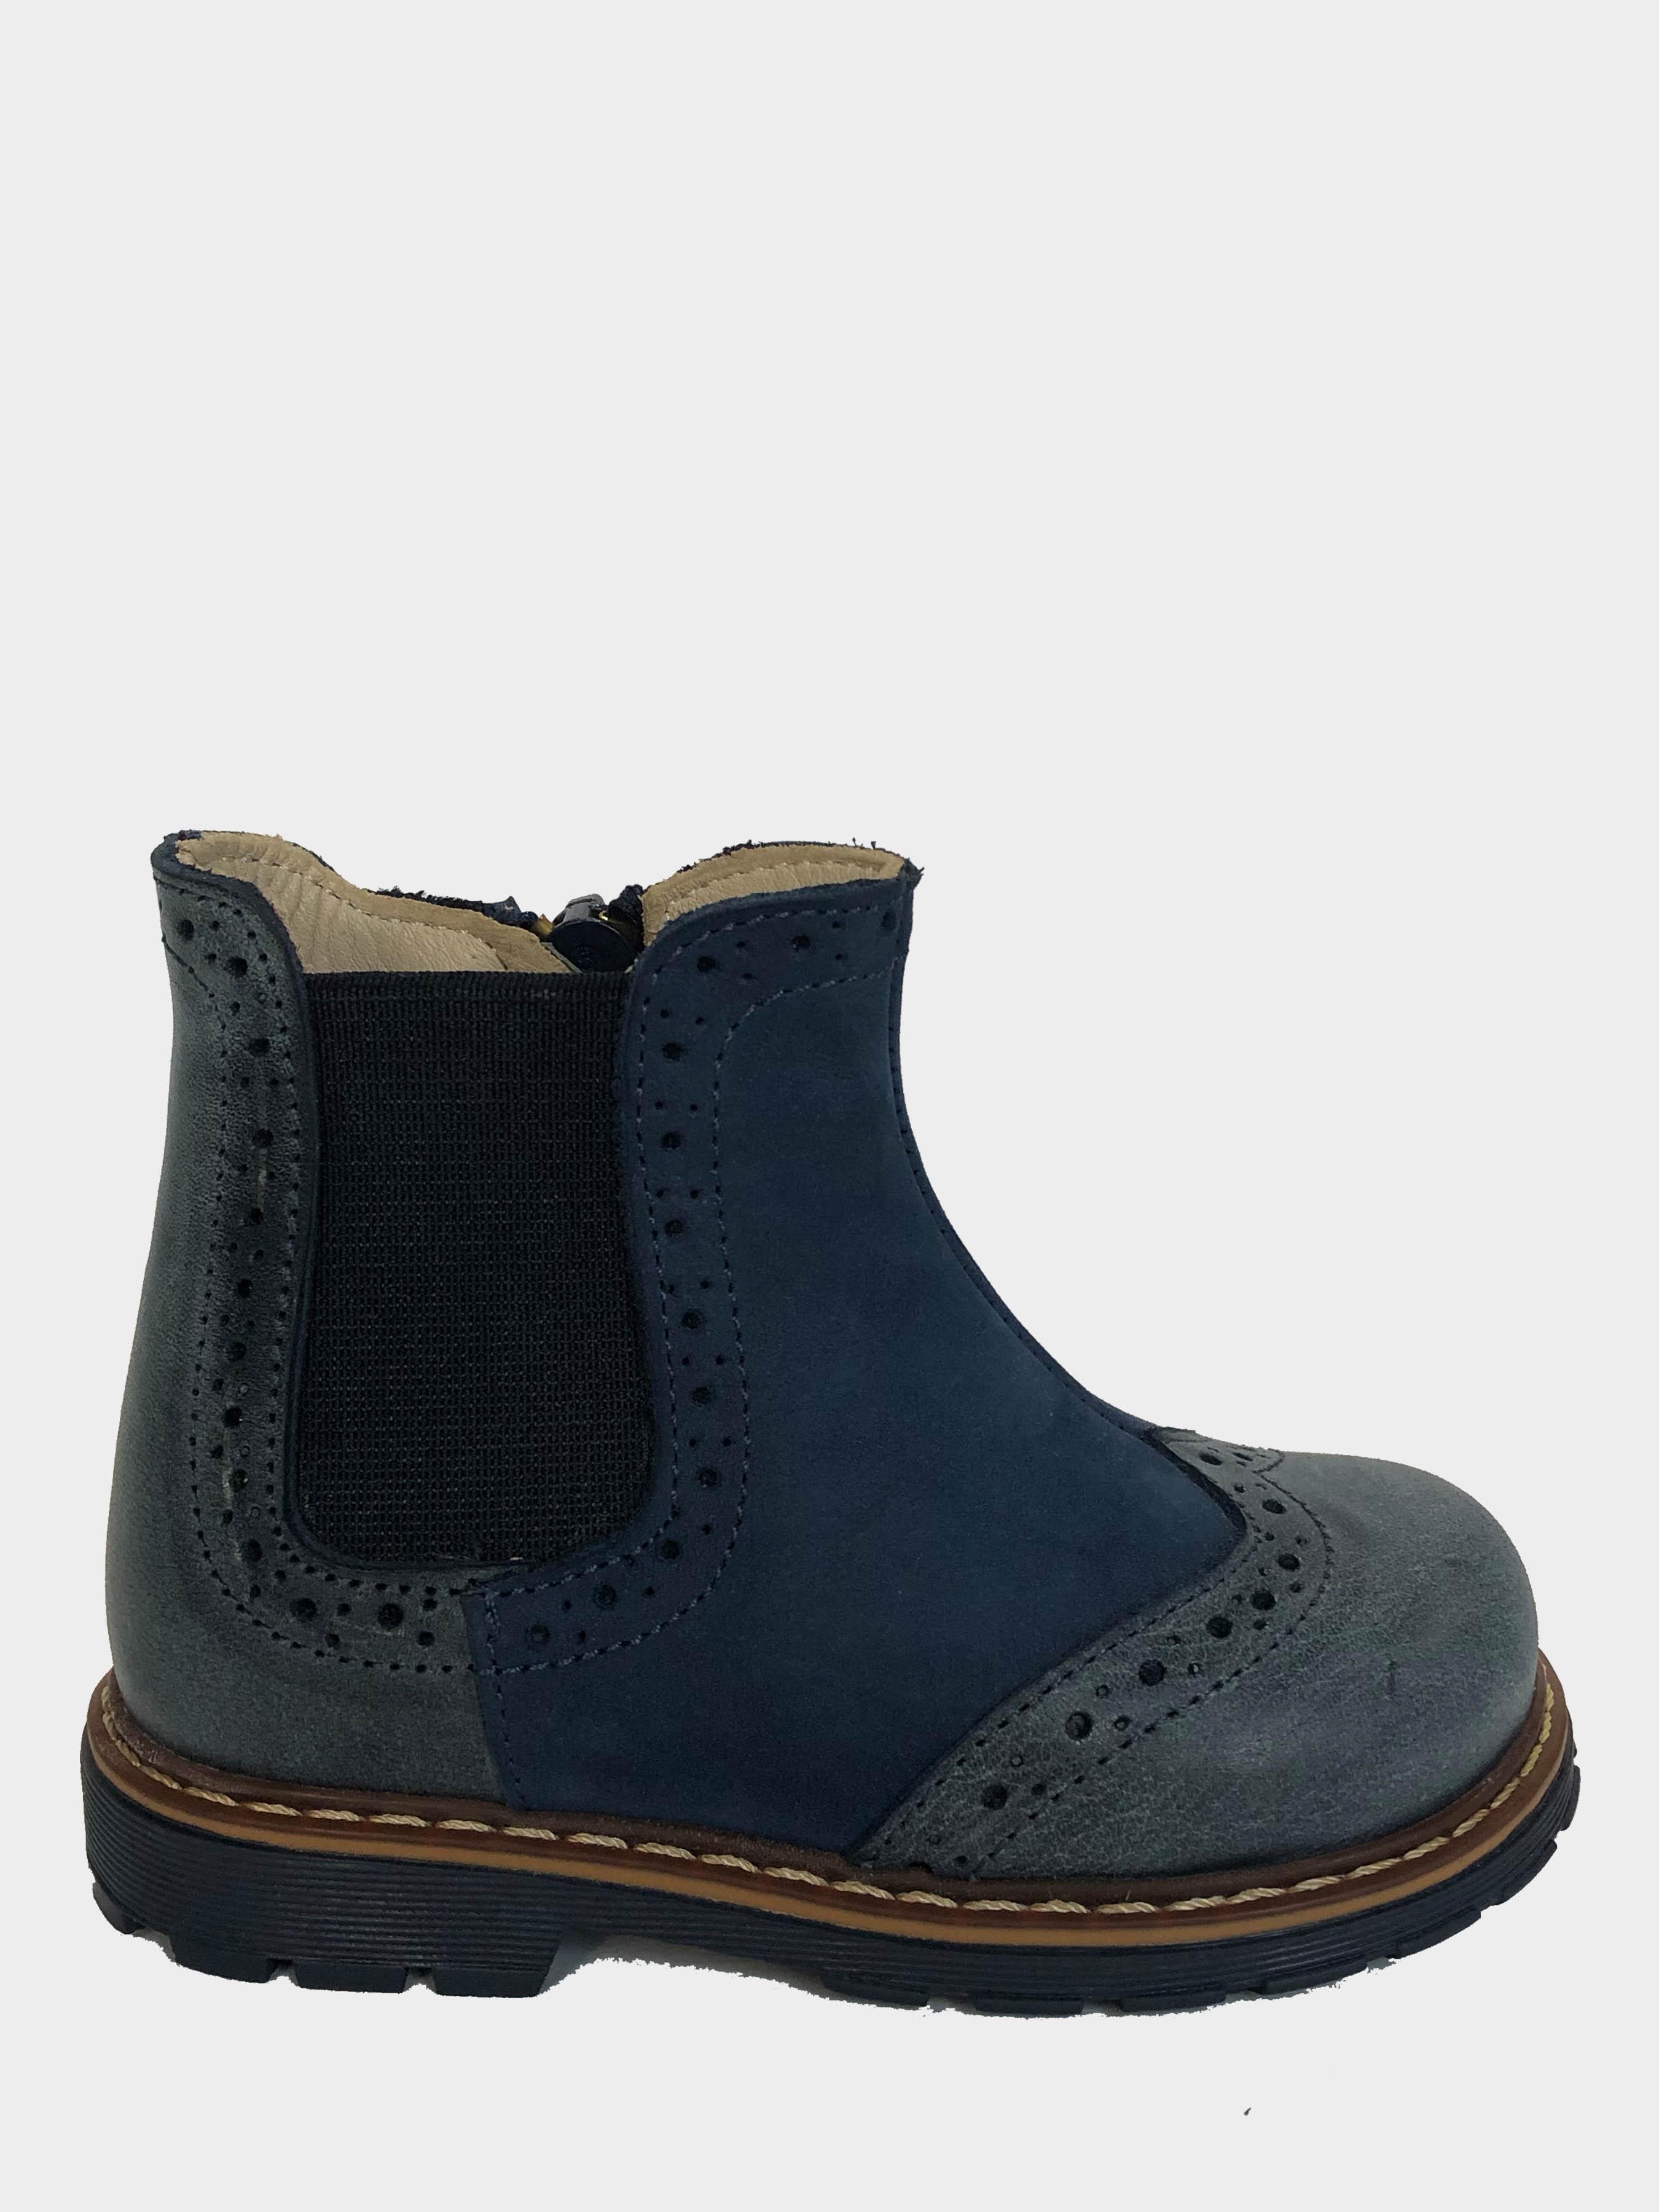 Ботинки детские Martens Baby Navy 141-3K купить обувь, 2017